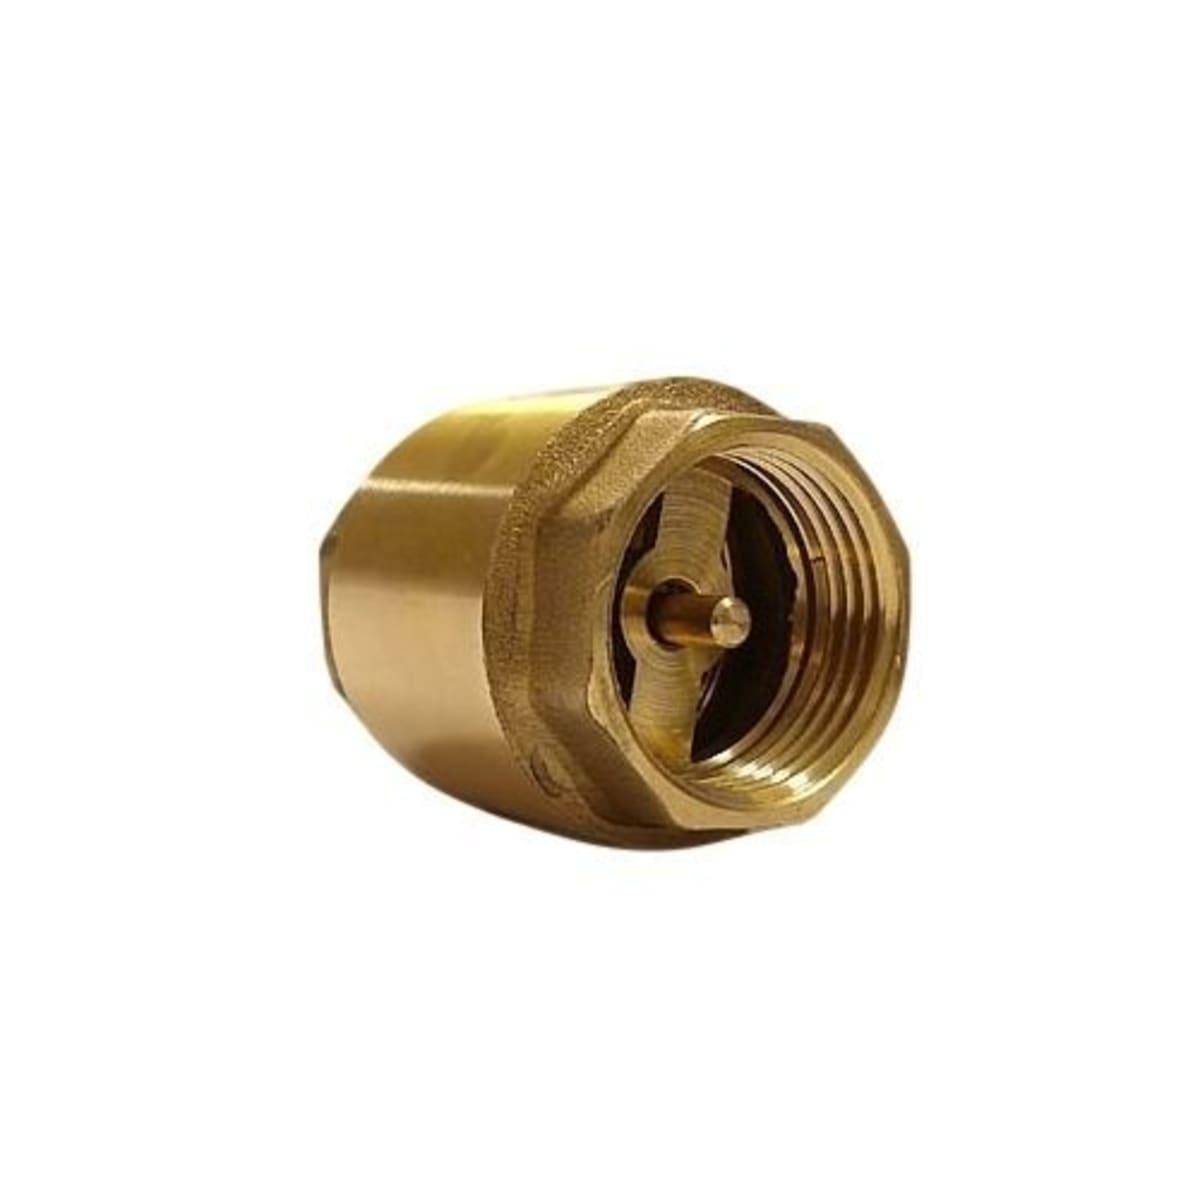 Клапан обратный без сетки Belamos FV-С1.25, проходной, мама-мама